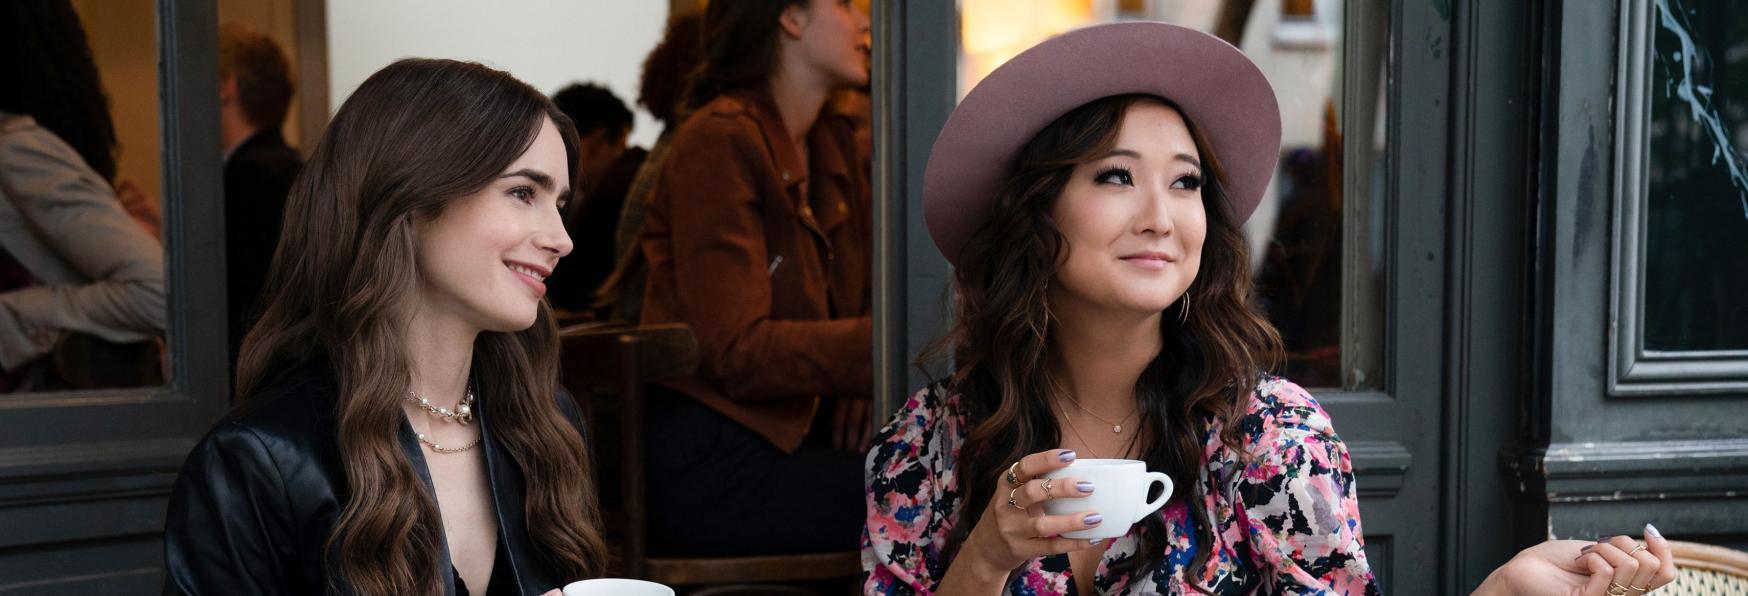 Emily in Paris 2 ci sarà! Netflix ufficializza il Rinnovo della Serie TV